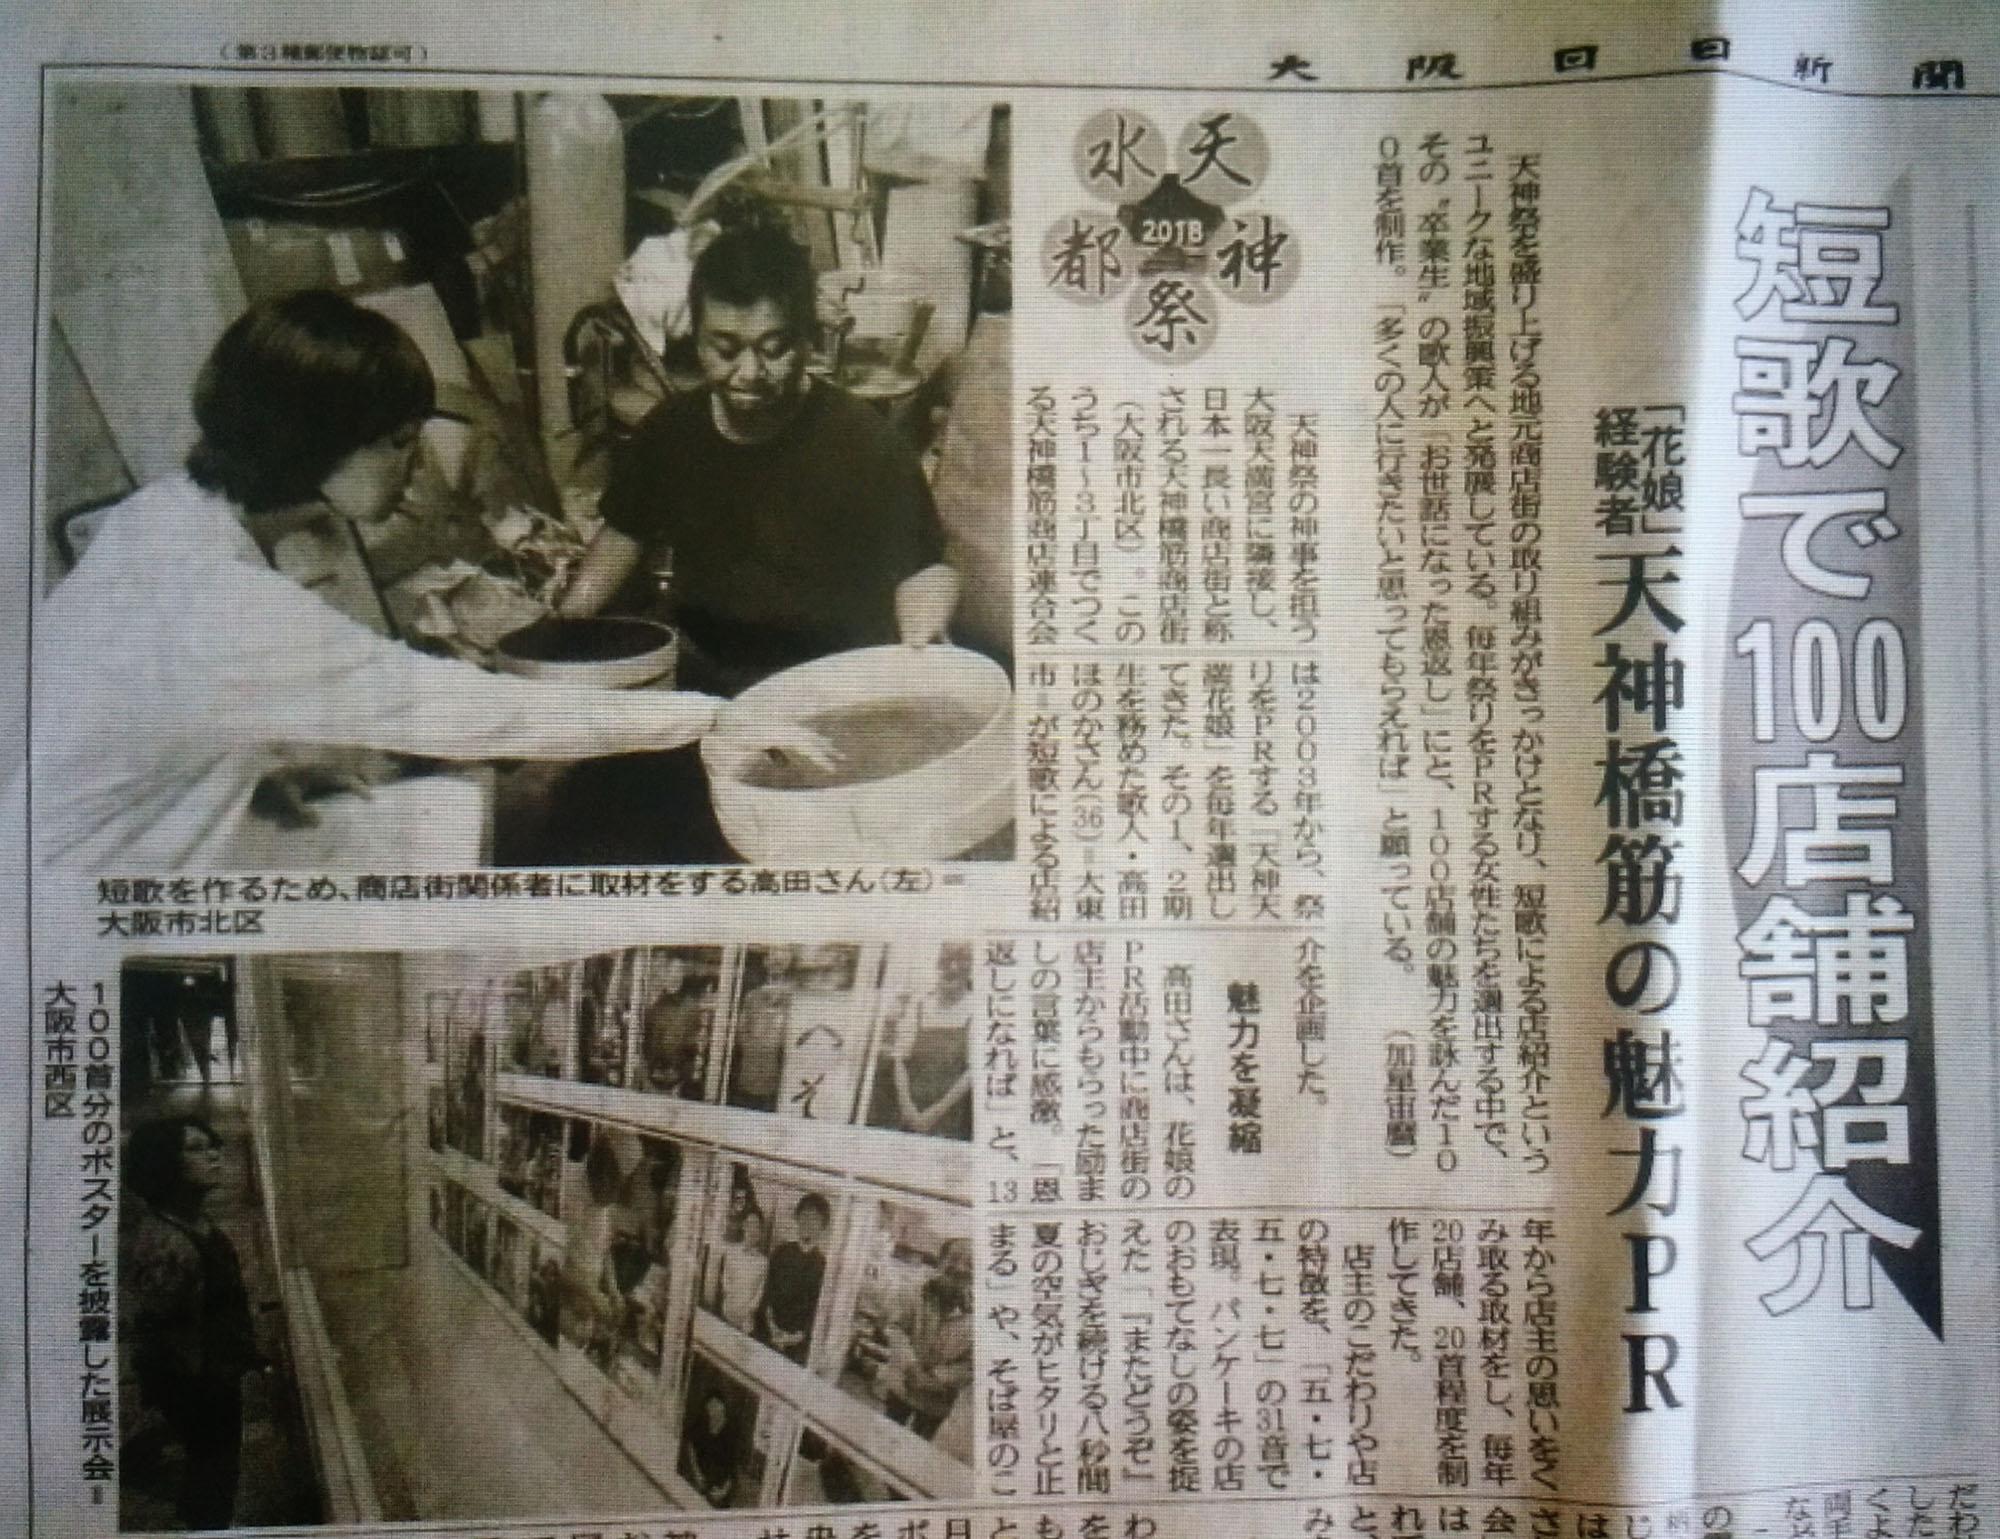 2018年7月 大阪日日新聞に天神橋筋の短歌100首のことを取り上げていただきました